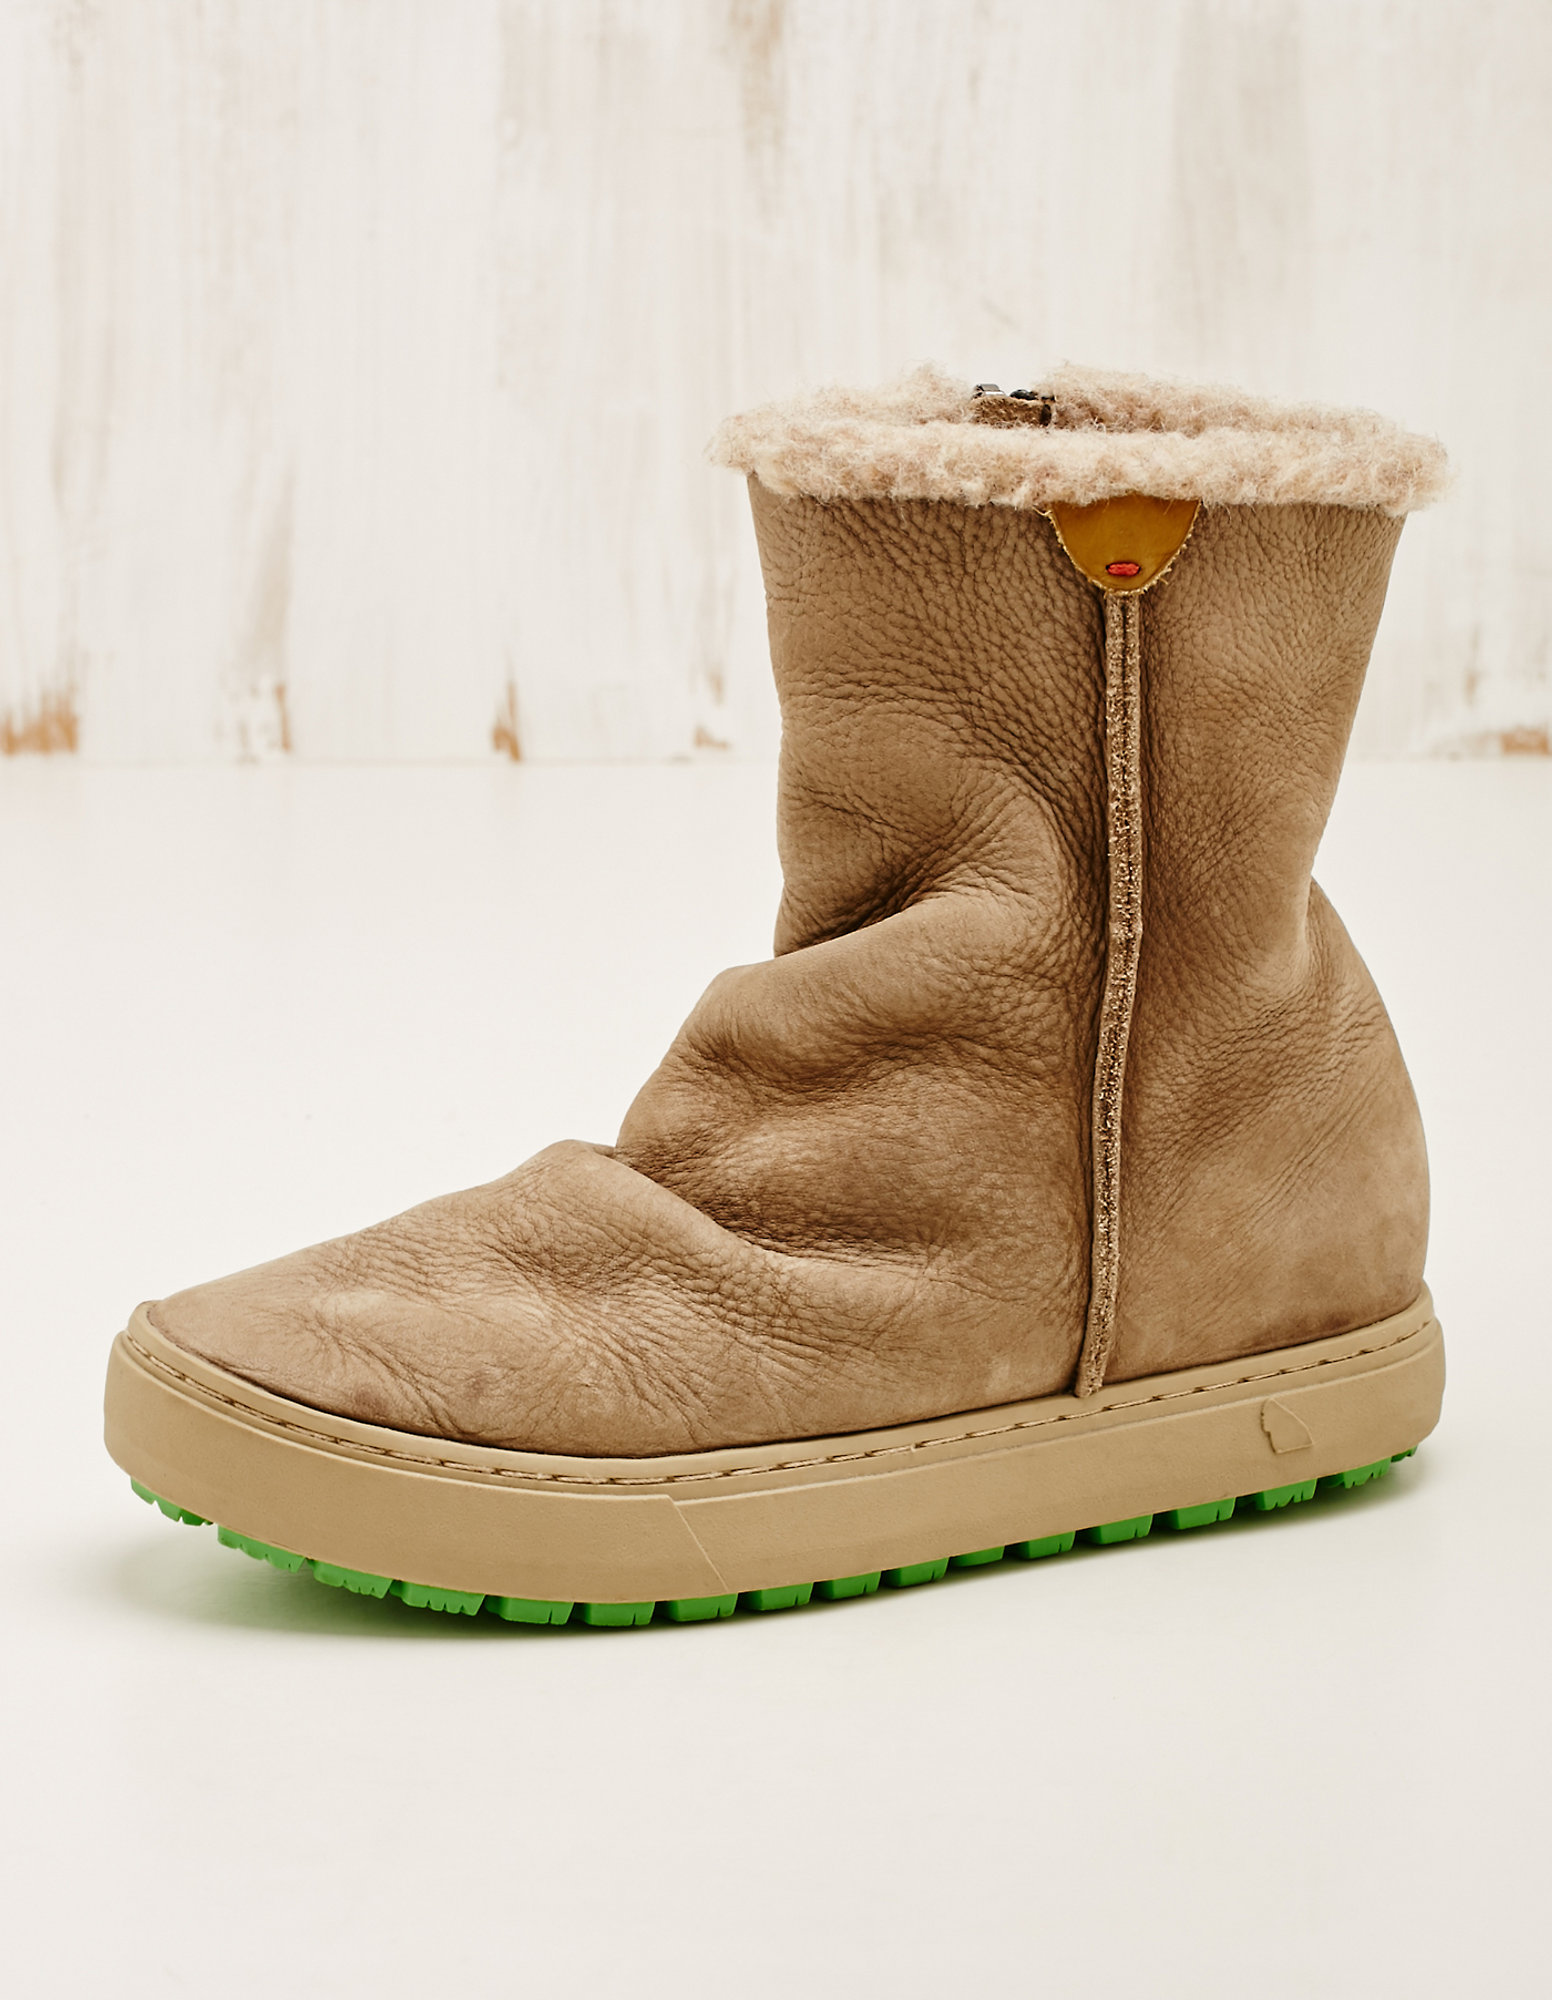 Satorisan Schuhe zum Wohlfühlen   sicher kaufen   Deerberg